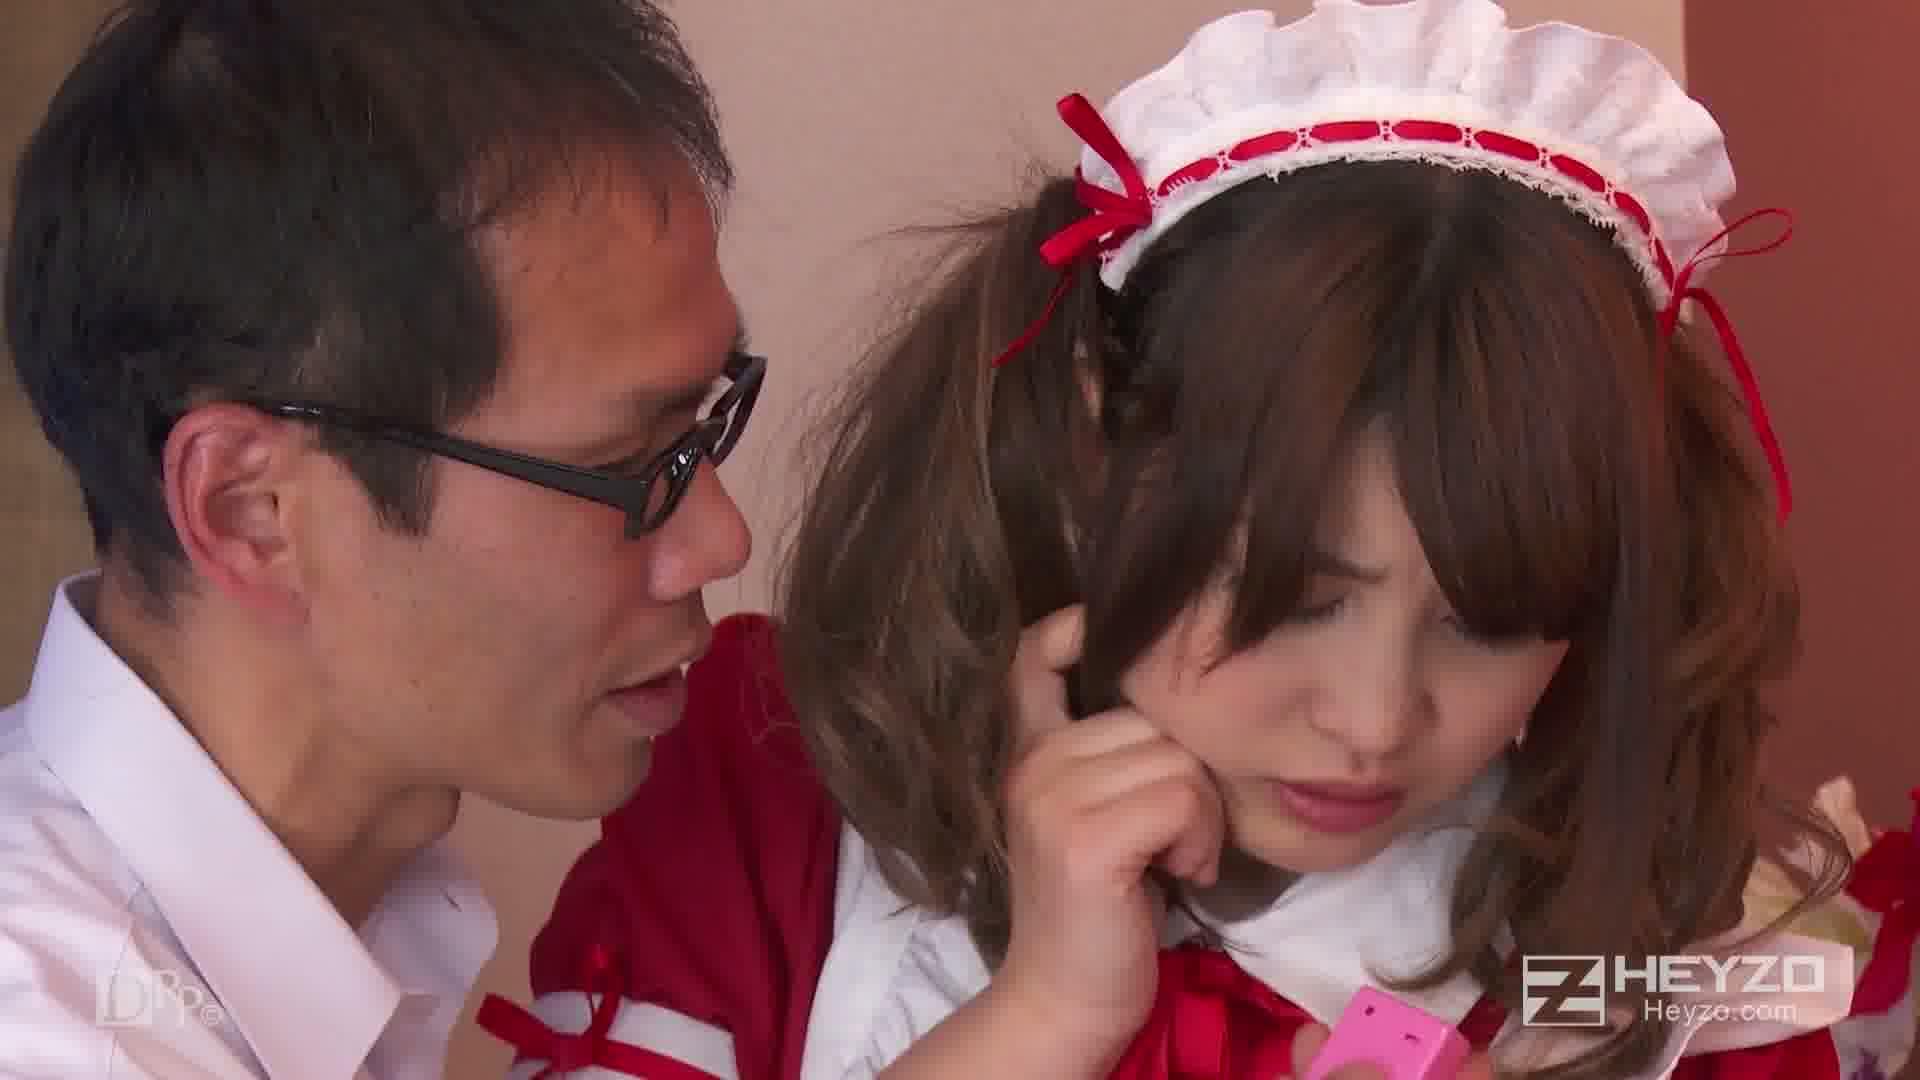 ドMっ娘・陽菜のカフェバイト奮闘記~お漏らしのお詫びに~ - 植田陽菜【指マン 電マ お漏らし】